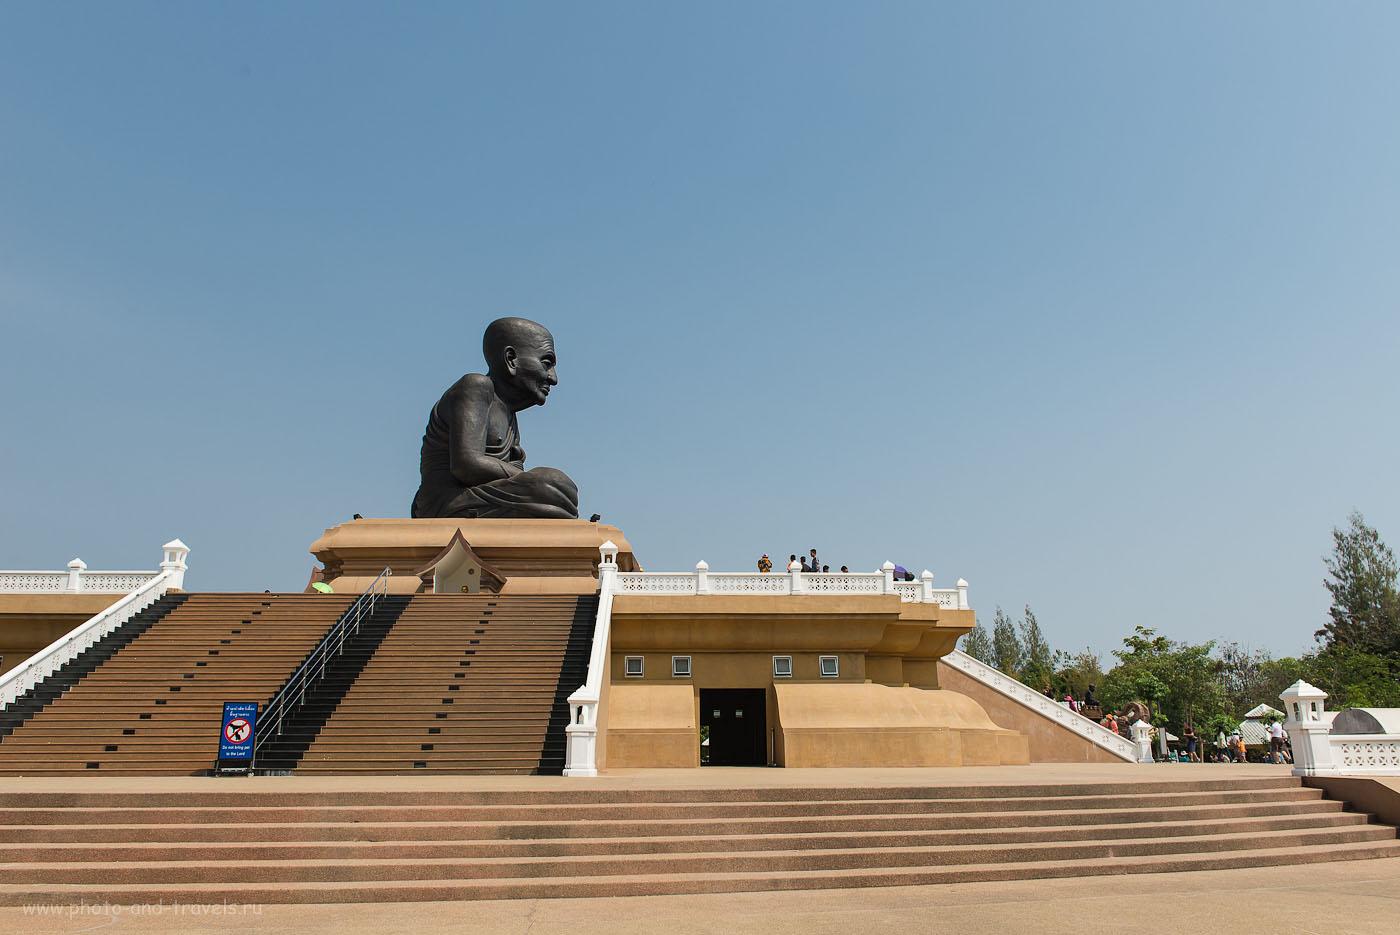 Фото 10. Черный монах в храме Ват Монгкол недалеко от города Хуахин. Отдых в Таиланде самостоятельно (125, 26, 9.0, 1/250)